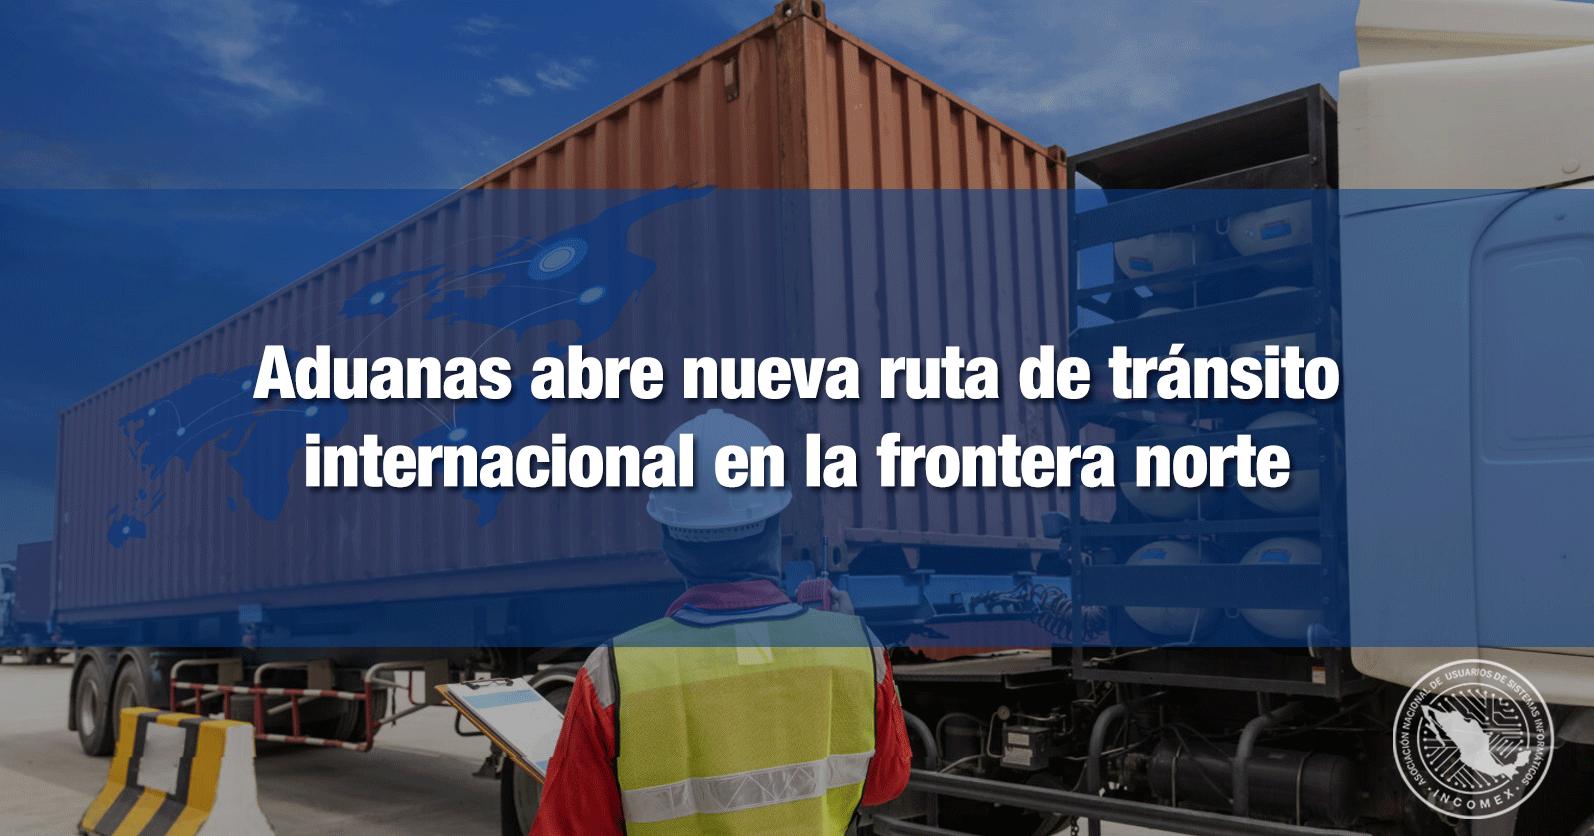 Aduanas abre nueva ruta de tránsito internacional en la frontera norte